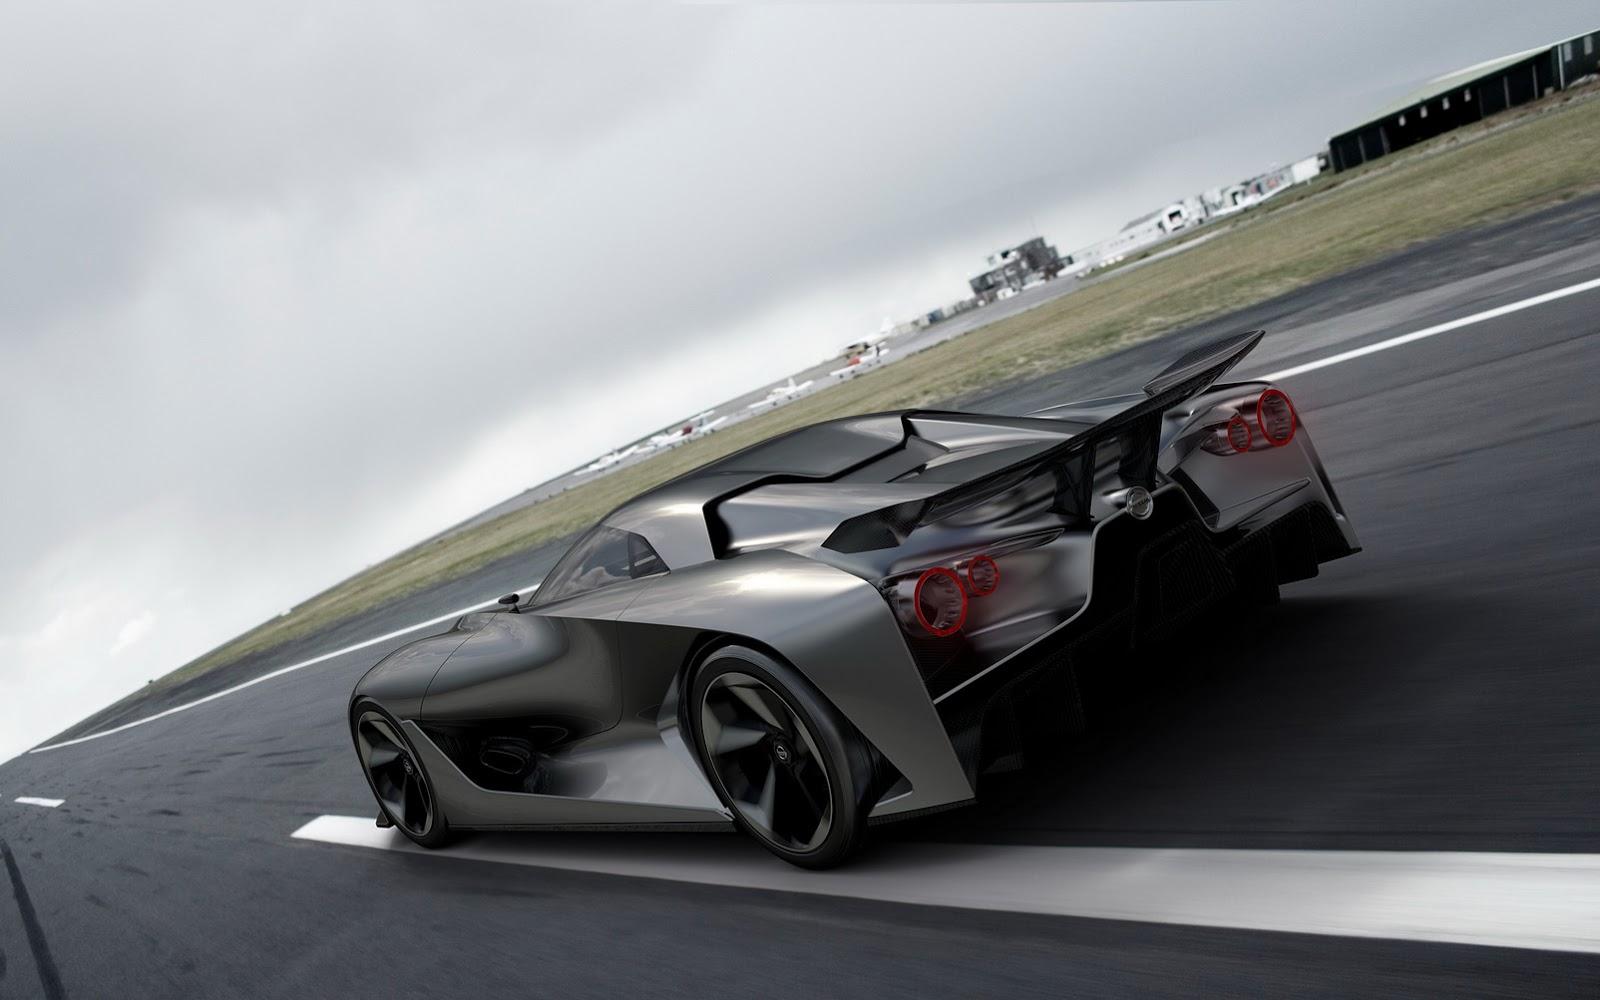 Nissan GT-R thế hệ mới được thiết kế dựa trên Vision 2020 Concept